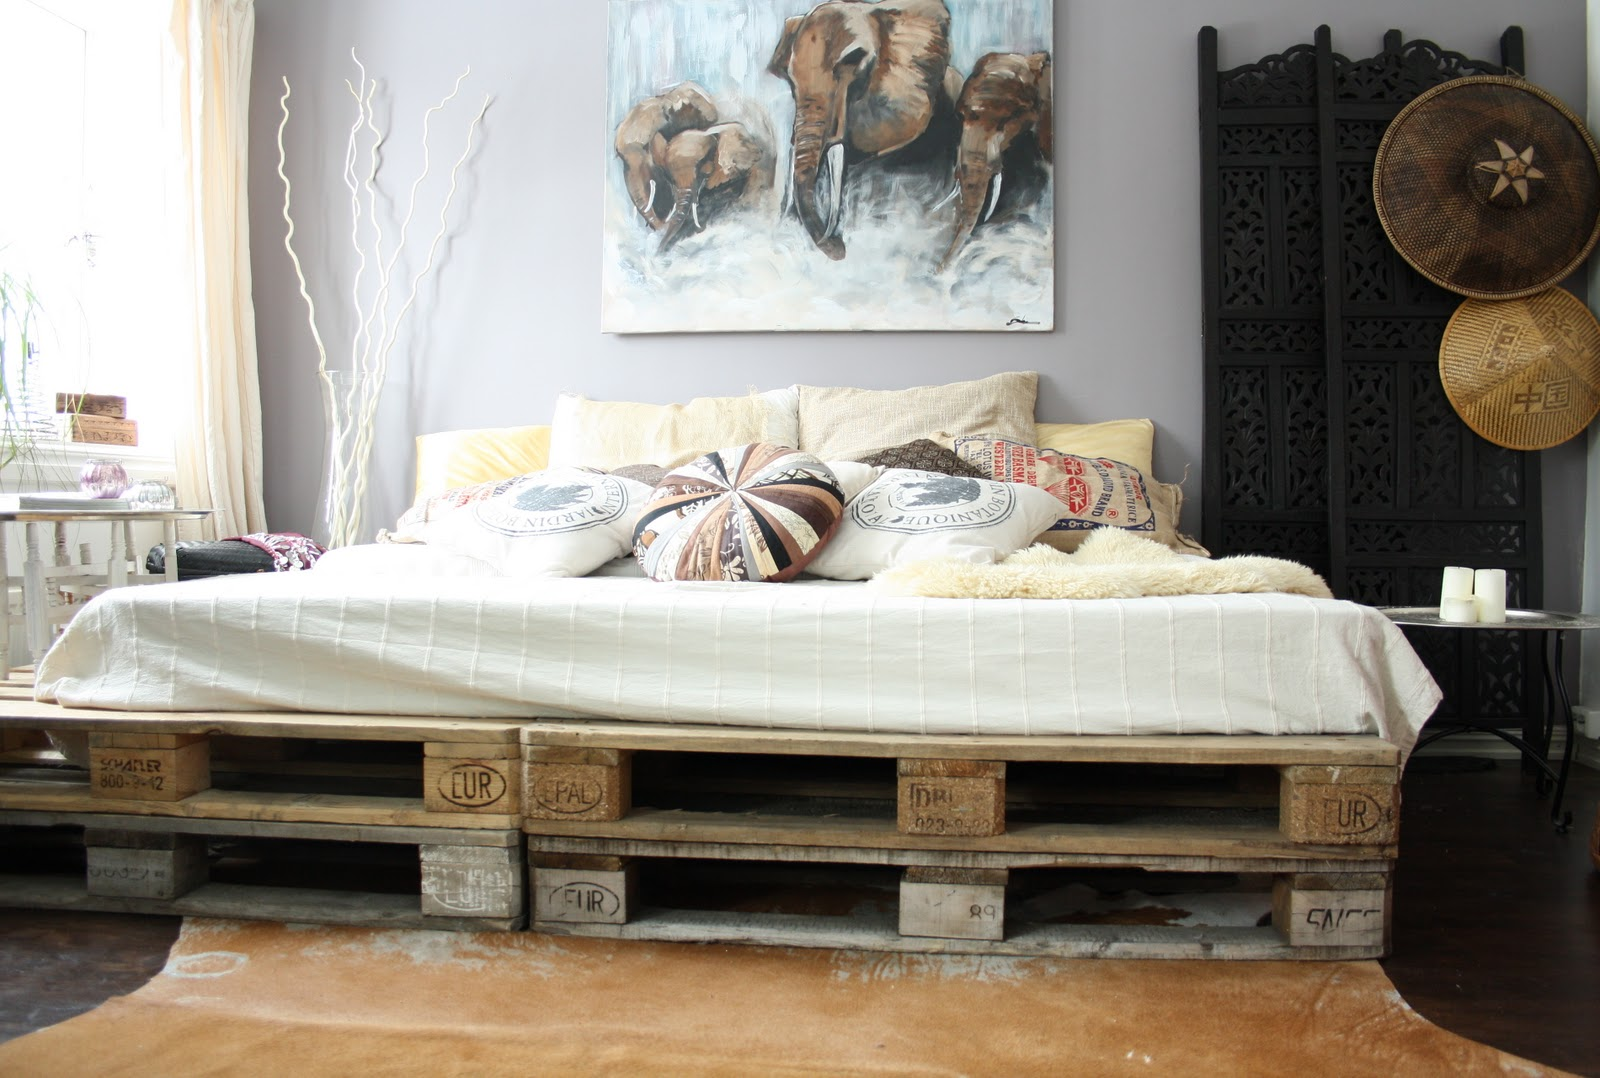 Full Size of Diy Bett Aus Europaletten Als Coole Wohnidee Schlafzimmer Betten Günstig Kaufen Kopfteil 140 Rattan Himmel 220 X Einzelbett Amazon Günstige Buche Mit Wohnzimmer Europaletten Bett